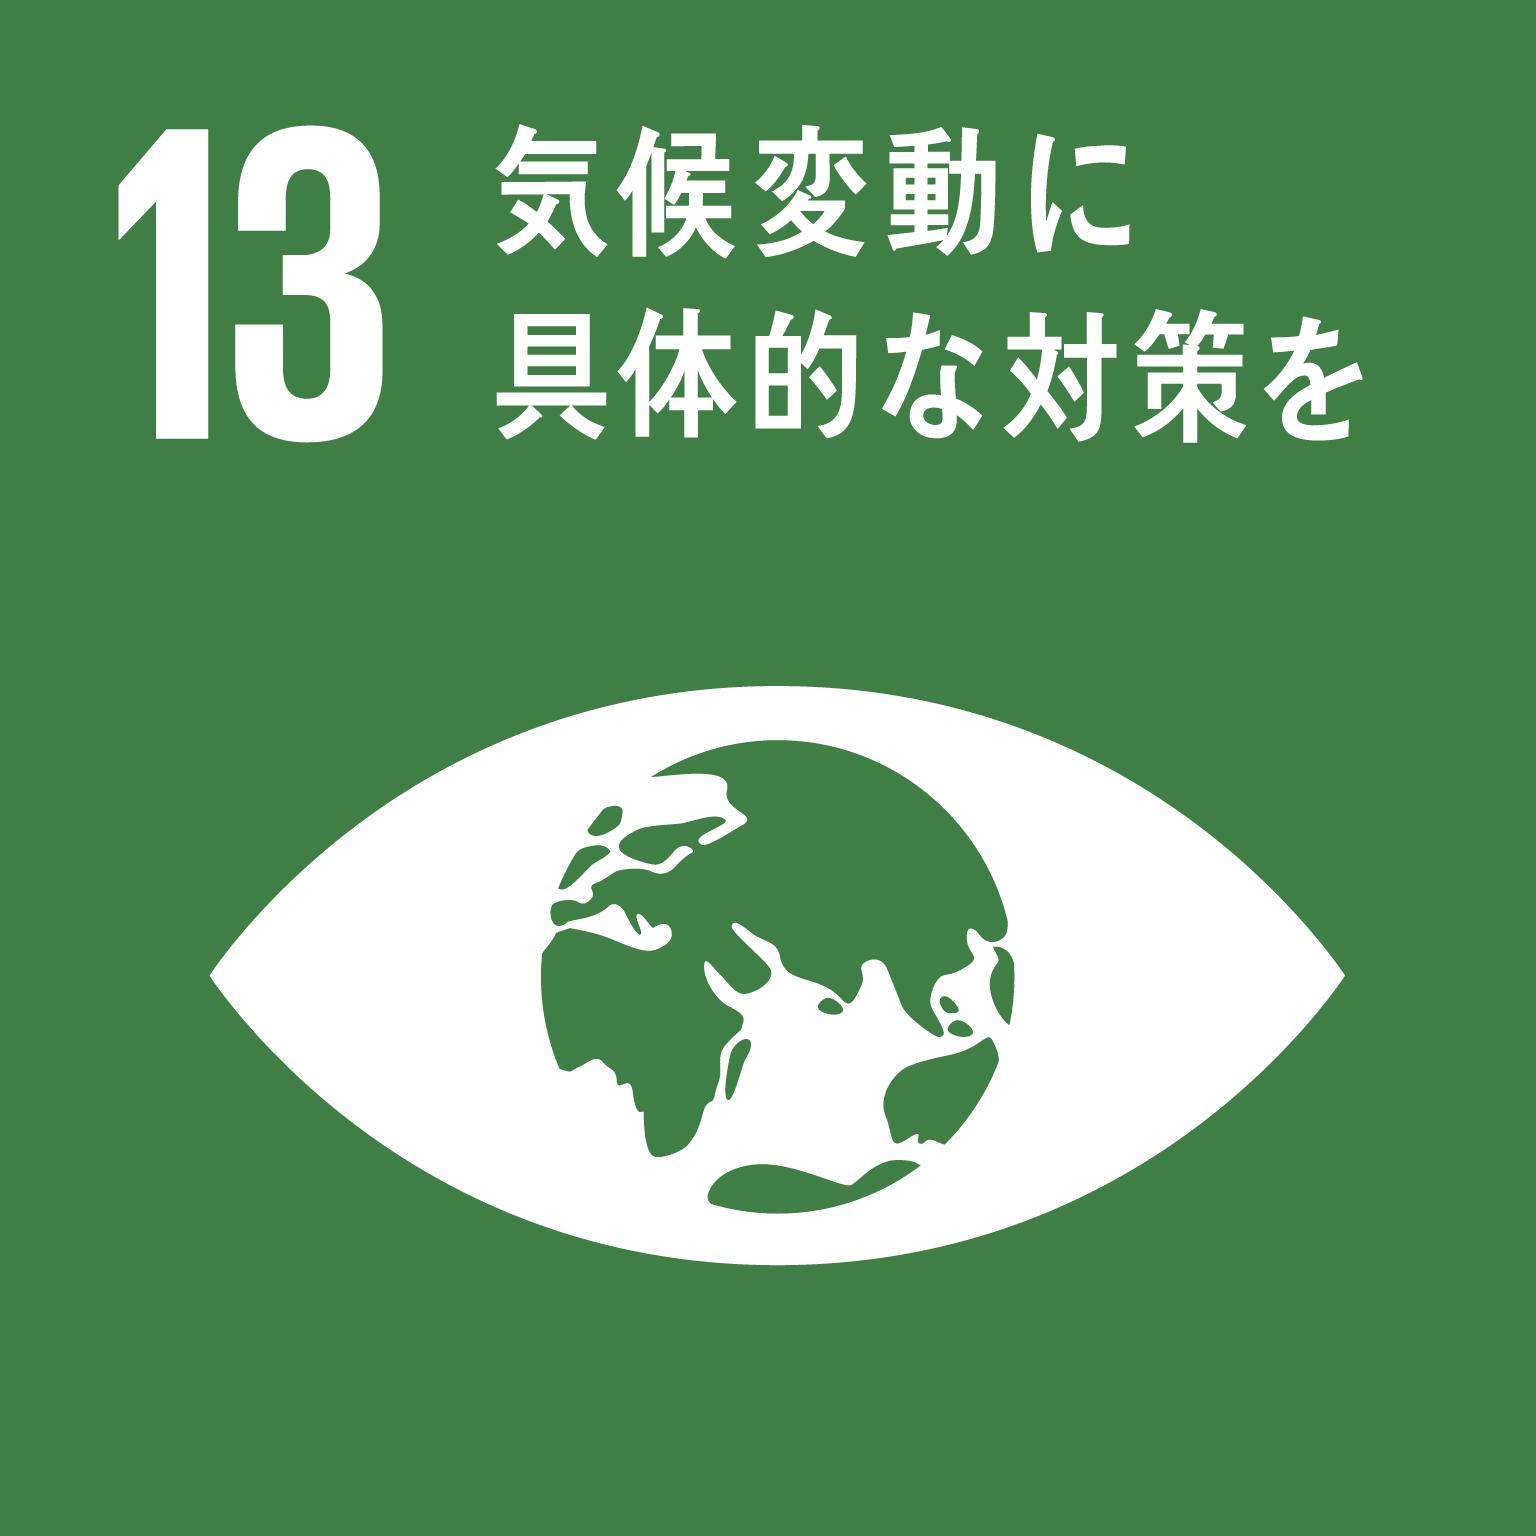 【ロゴ】SDGs13